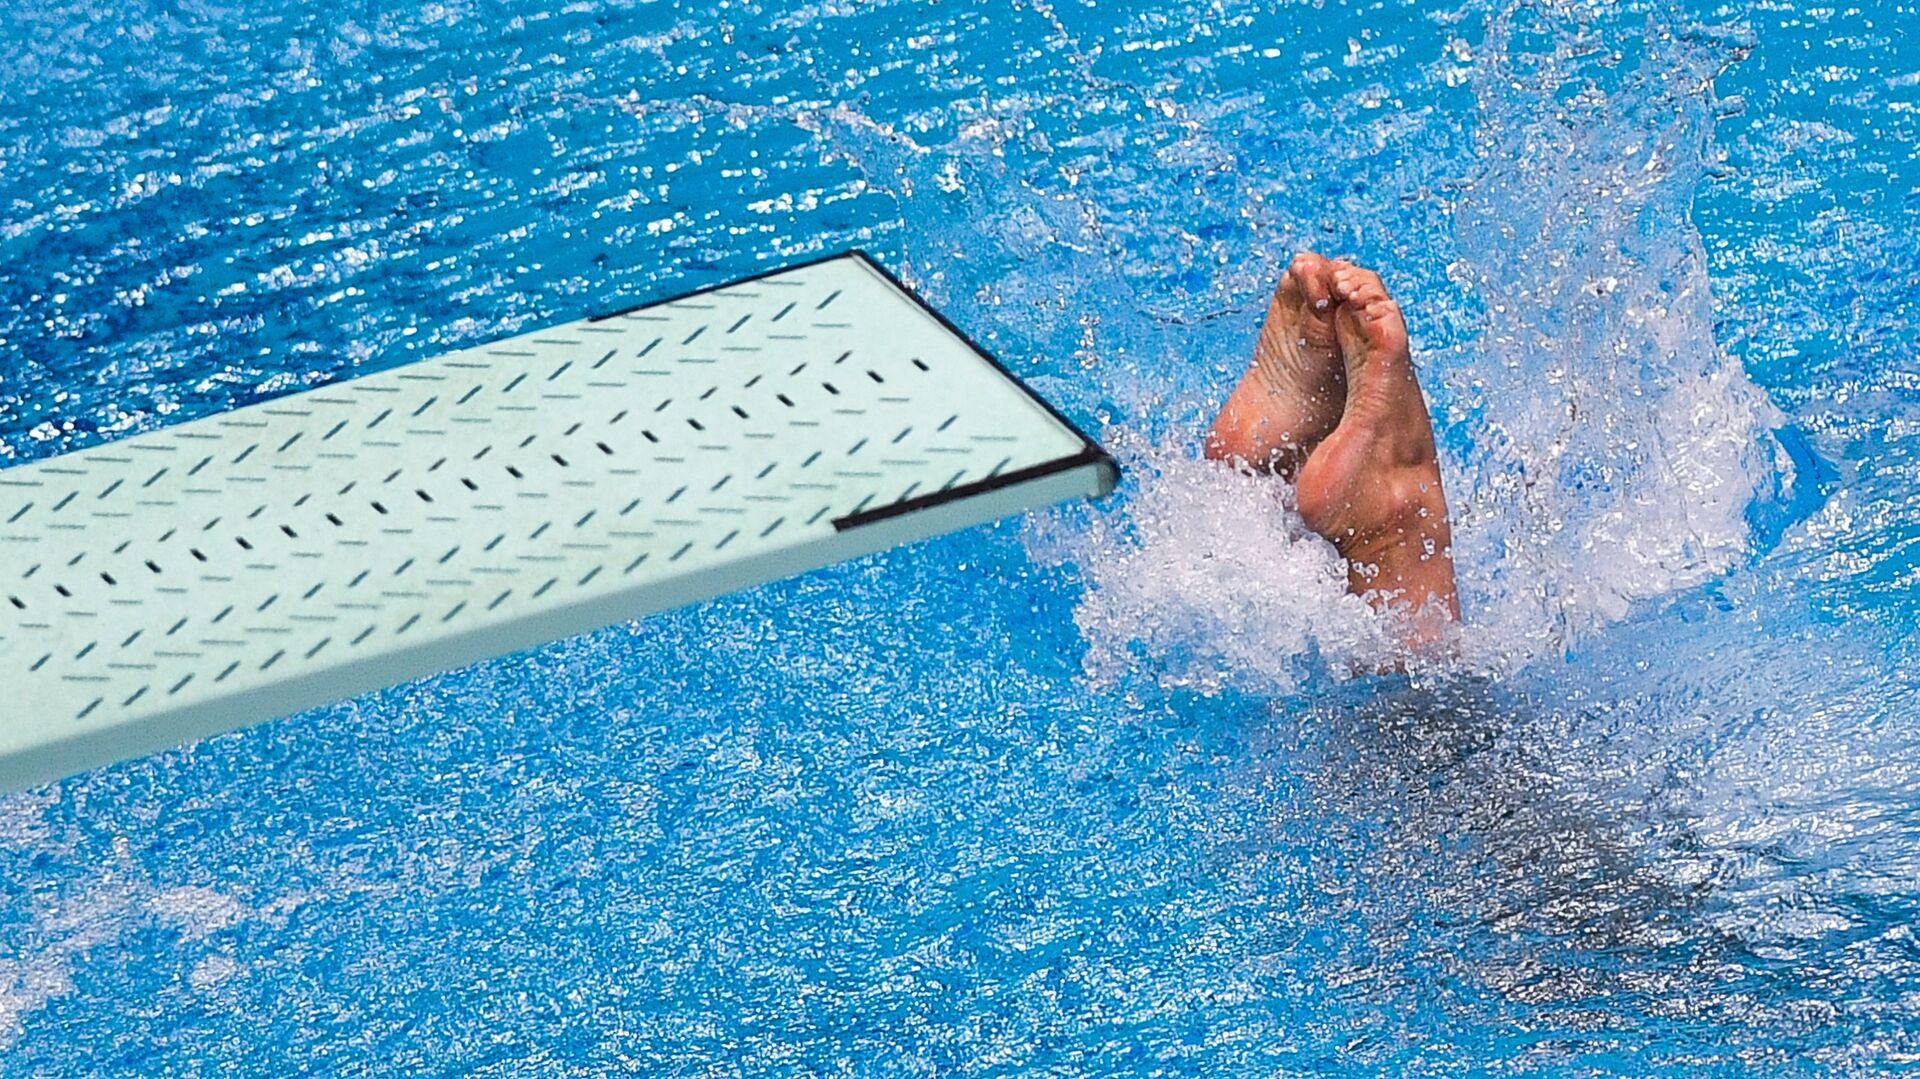 Прыжки в воду - РИА Новости, 1920, 28.01.2021